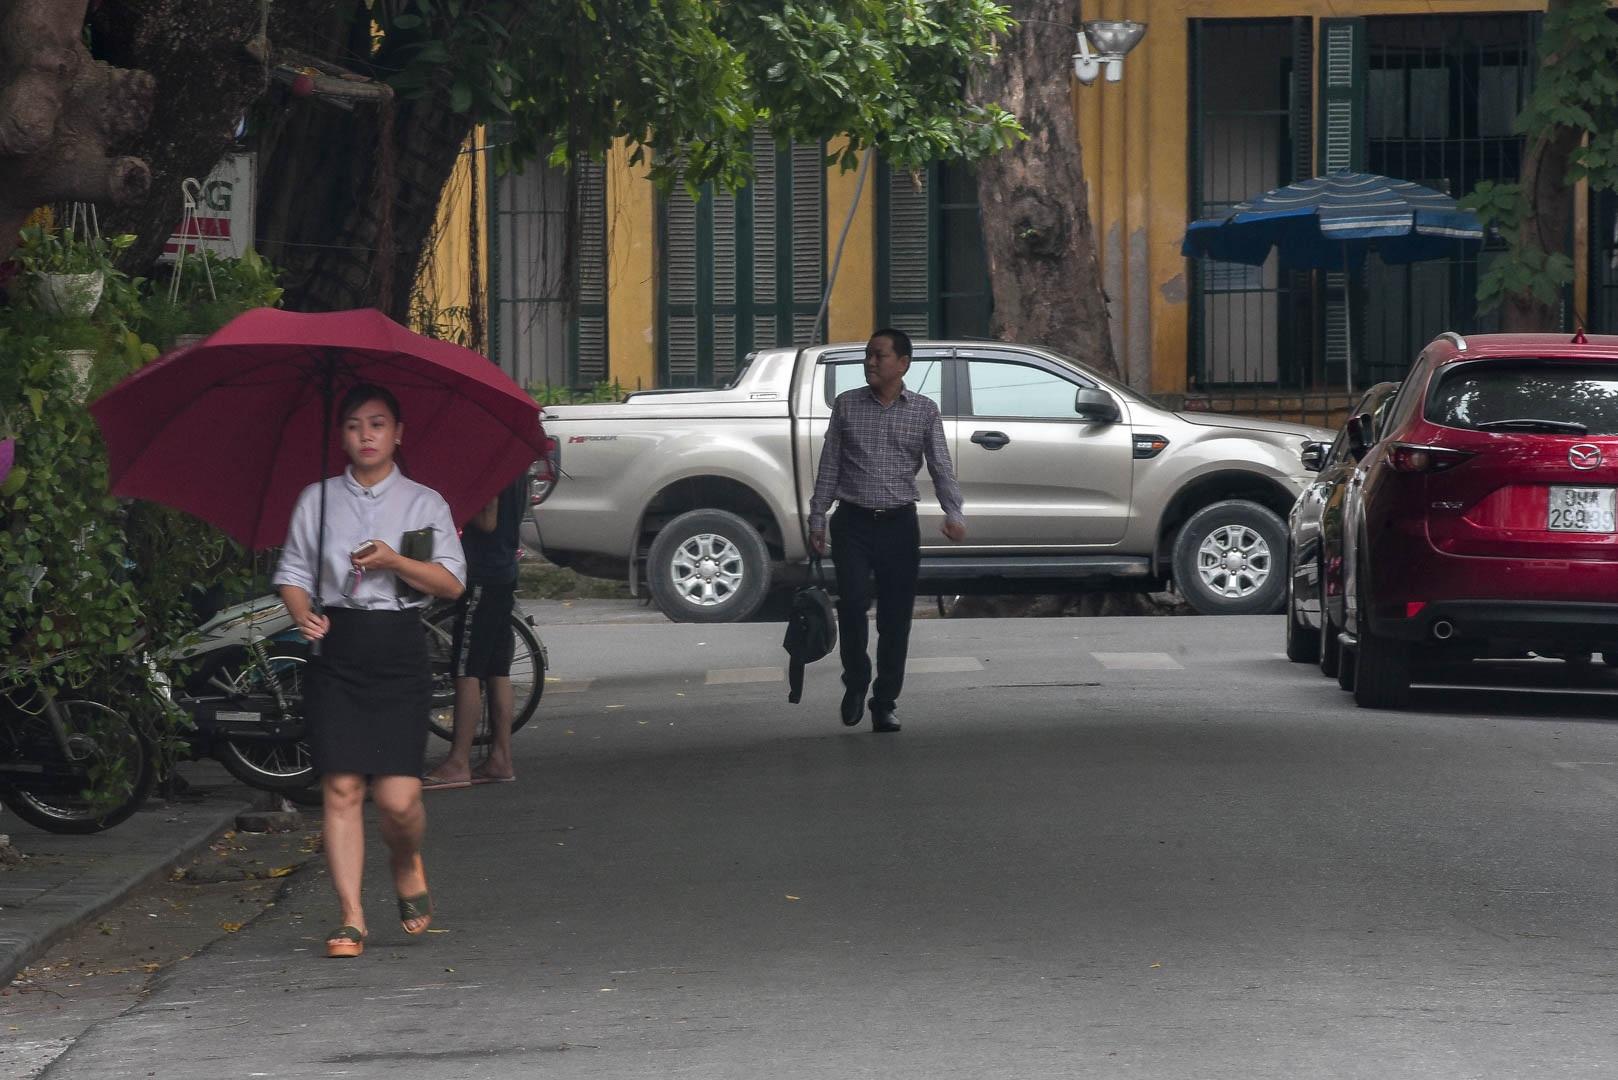 Điểm danh những con phố siêu ngắn ở Hà Nội - 4